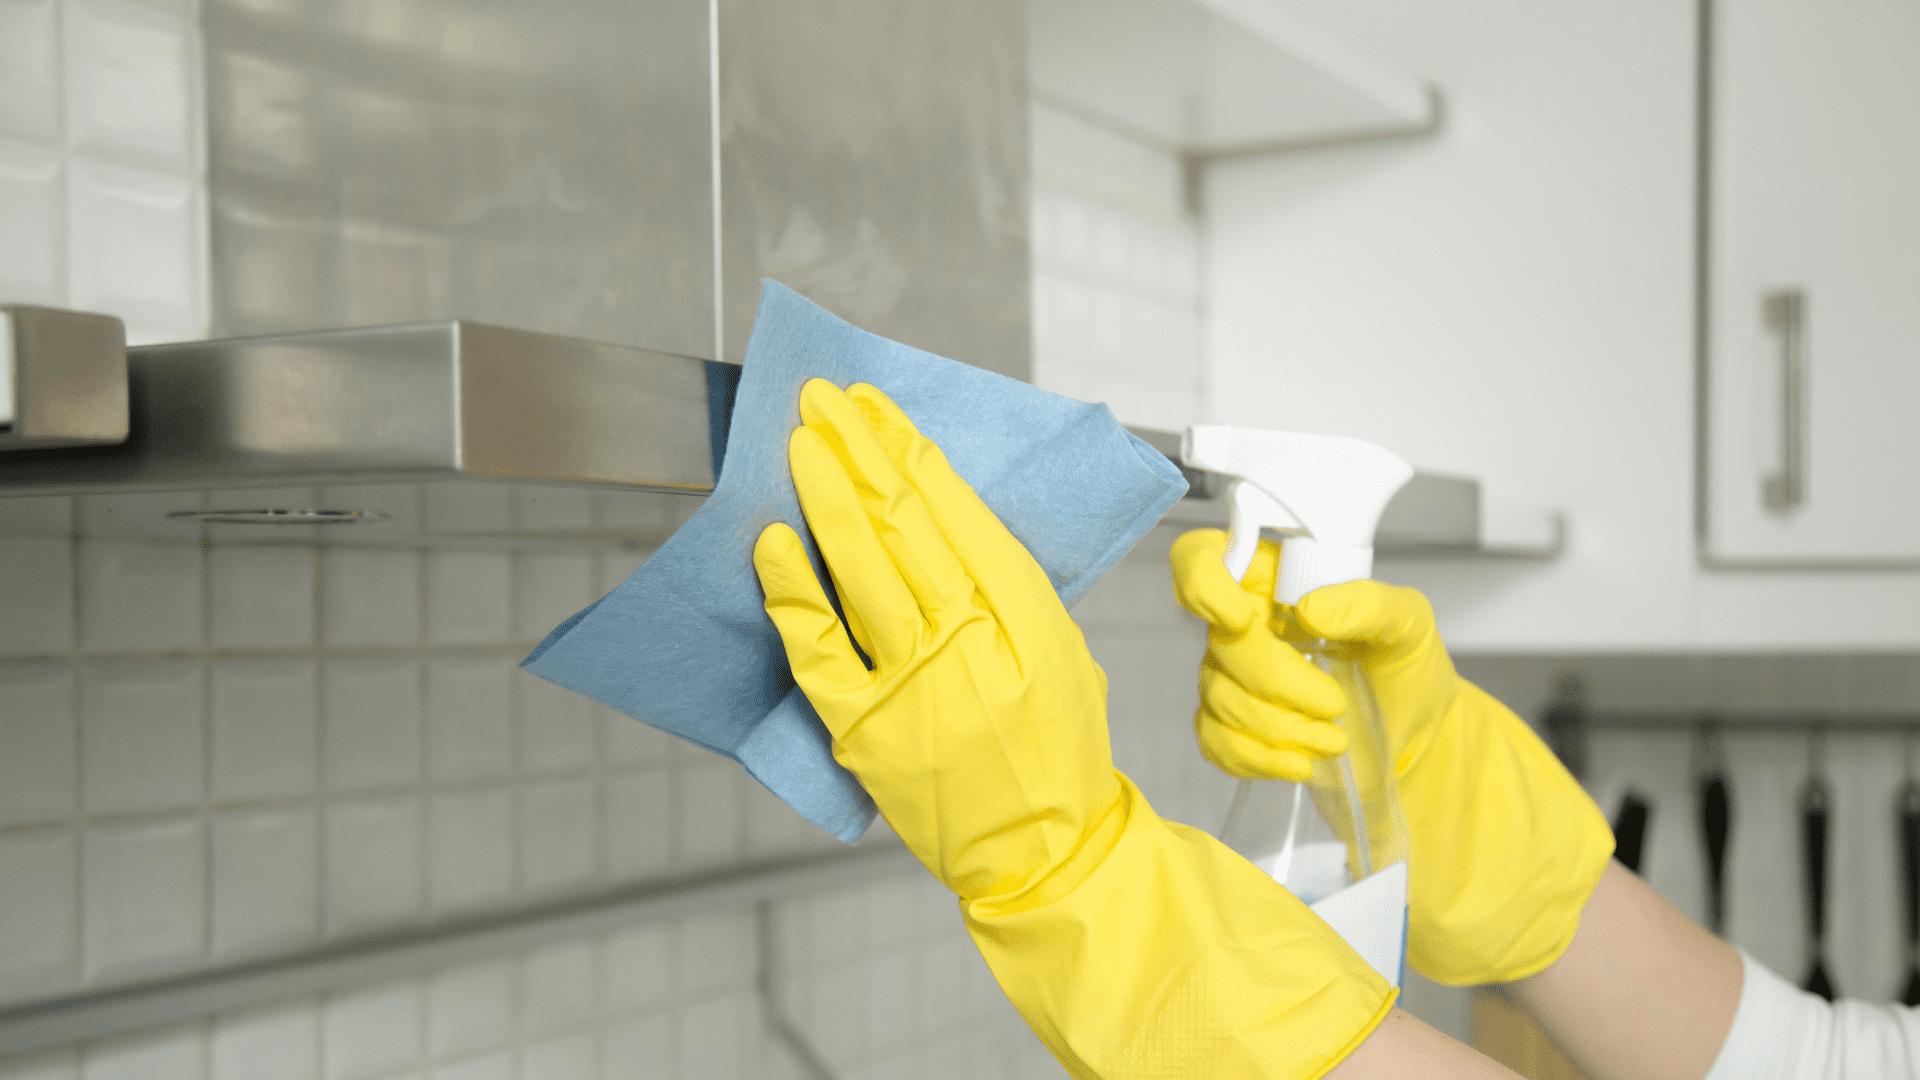 O bicarbonato de sódio pode ser um grande aliado na higienização da sua coifa de inox (Imagem: Reprodução/Shutterstock)